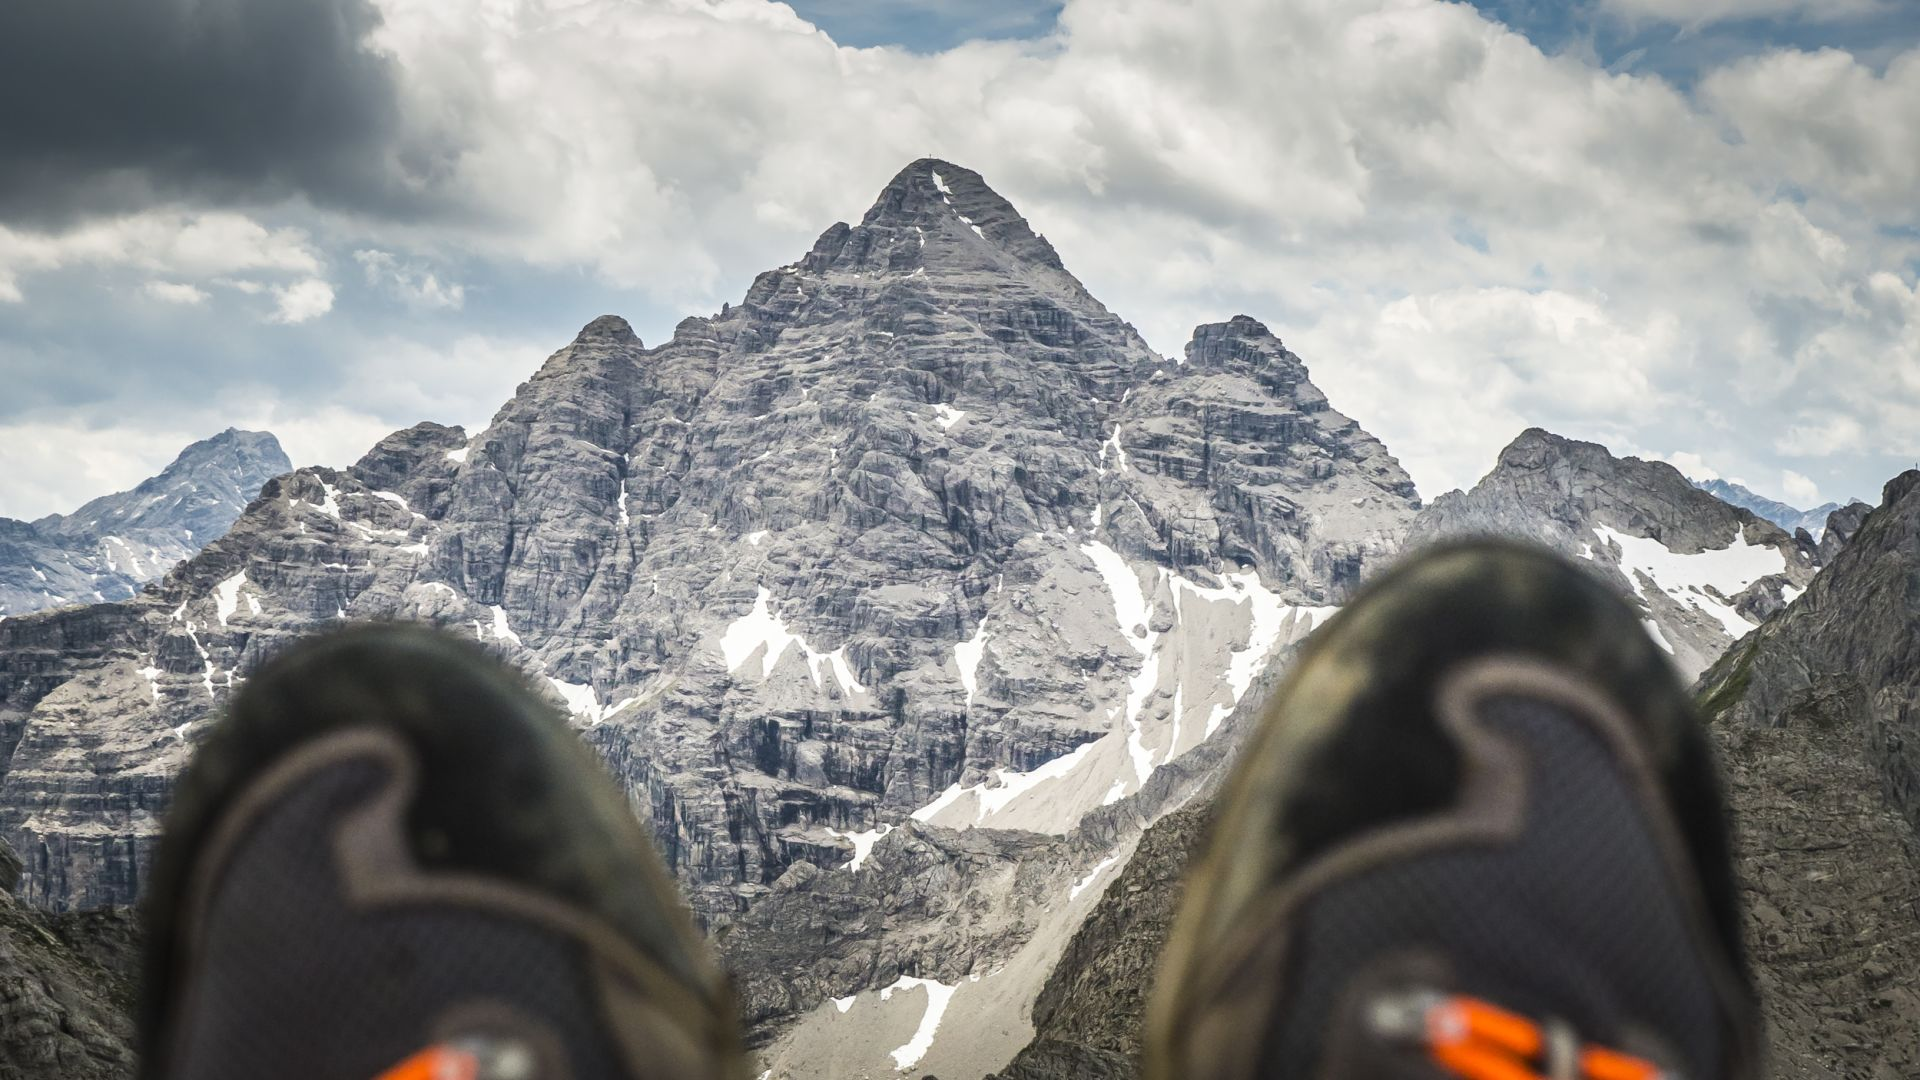 Hindelanger Klettersteig Ungesicherte Stellen : Hindelanger klettersteig höhenangst